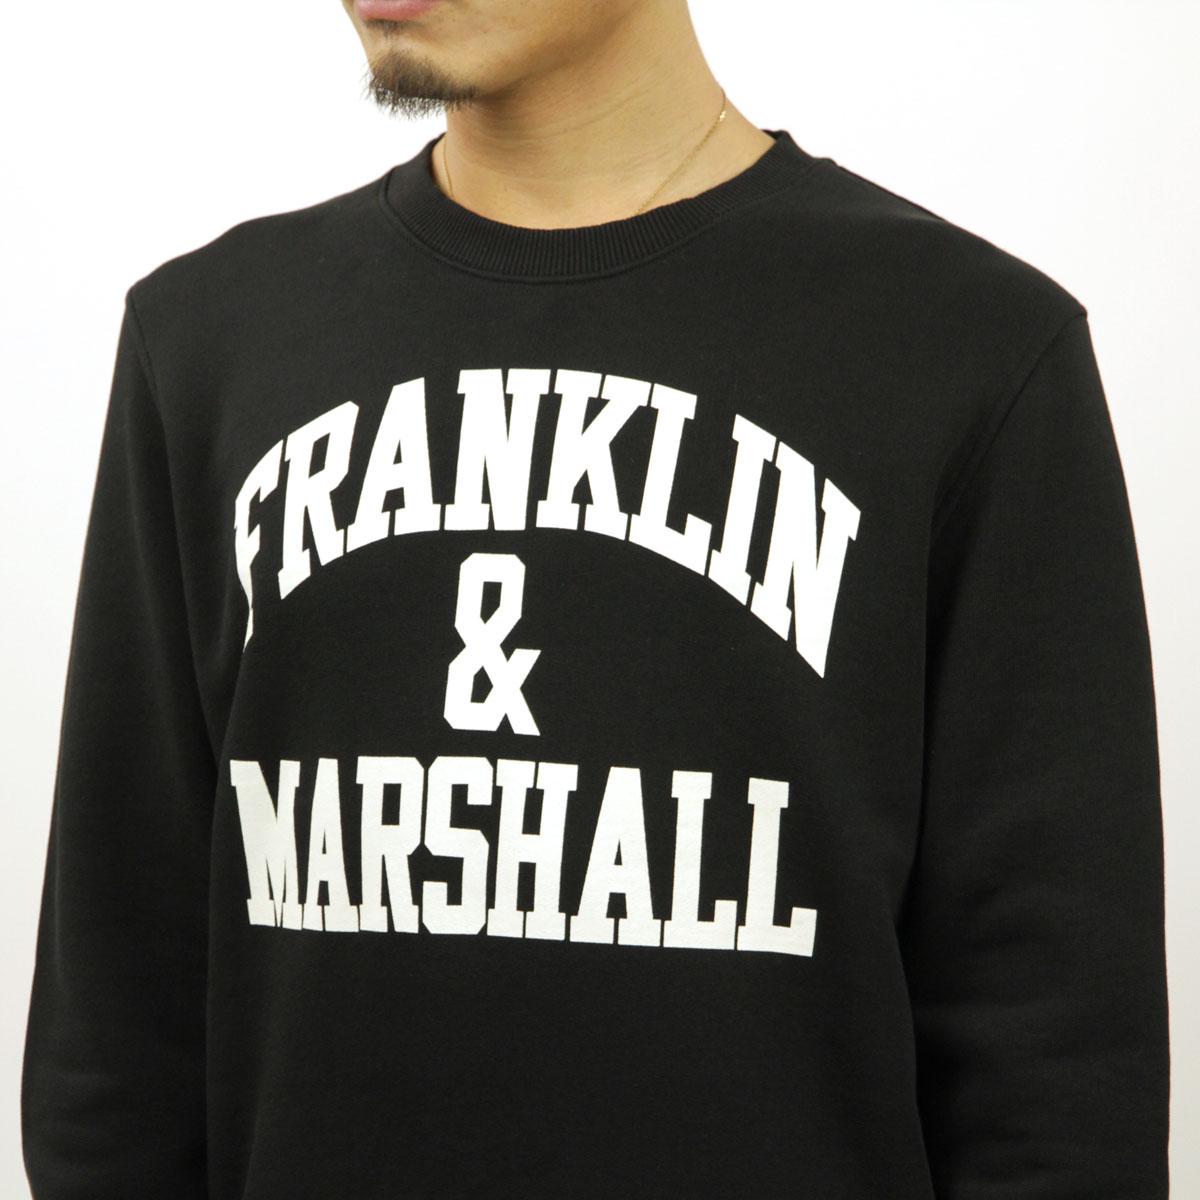 フランクリン マーシャル スウェット メンズ 正規販売店 FRANKLIN&MARSHALL トレーナー ICON CREW NECK FLEECE 021 FLMF065AN 0021 A61B B1C C1D D5E E13F